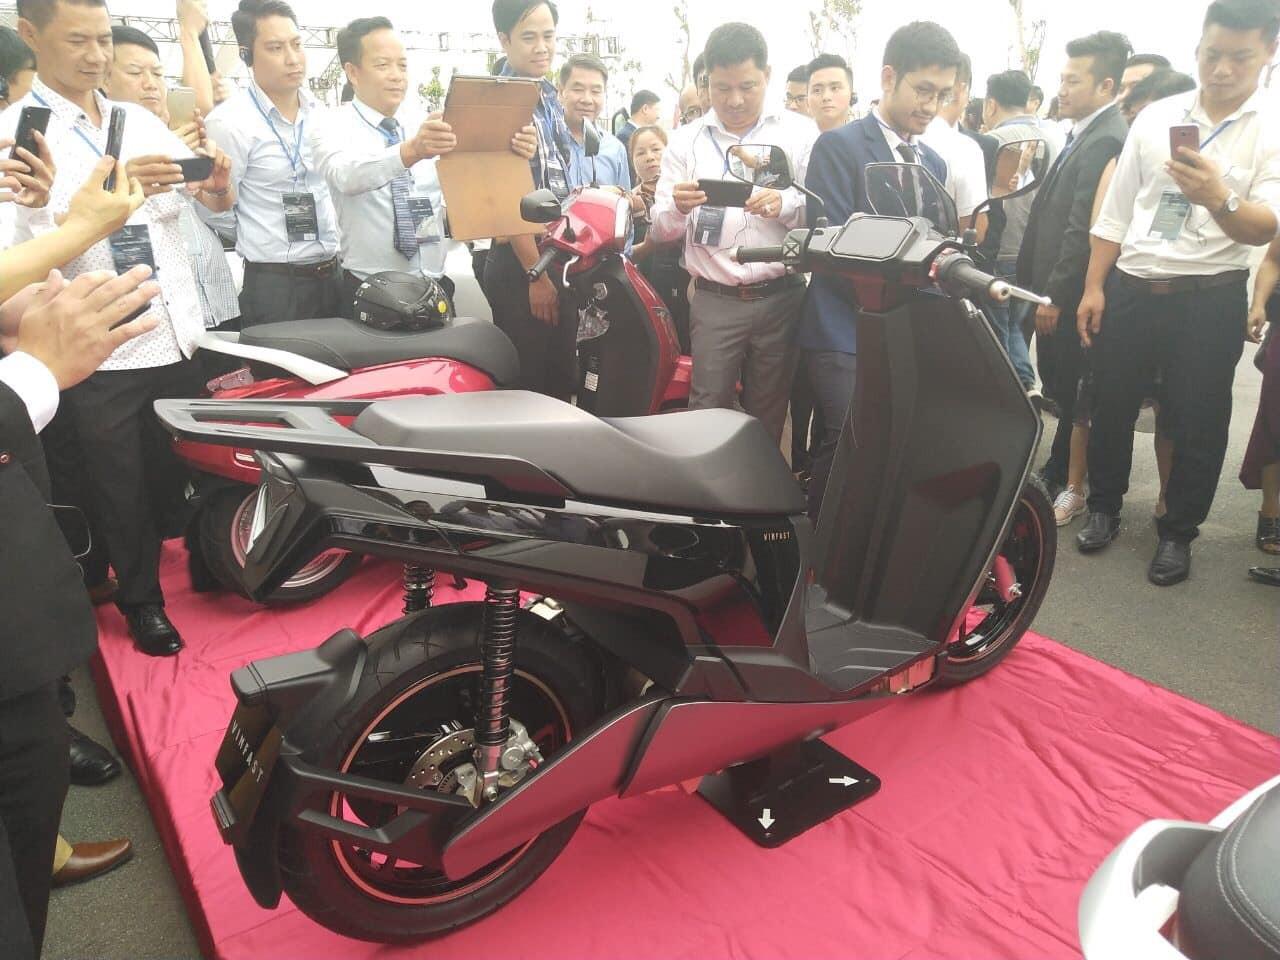 Hình ảnh về chiếc xe mới được cho là sản phẩm xe máy điện mới nhất của Vinfast